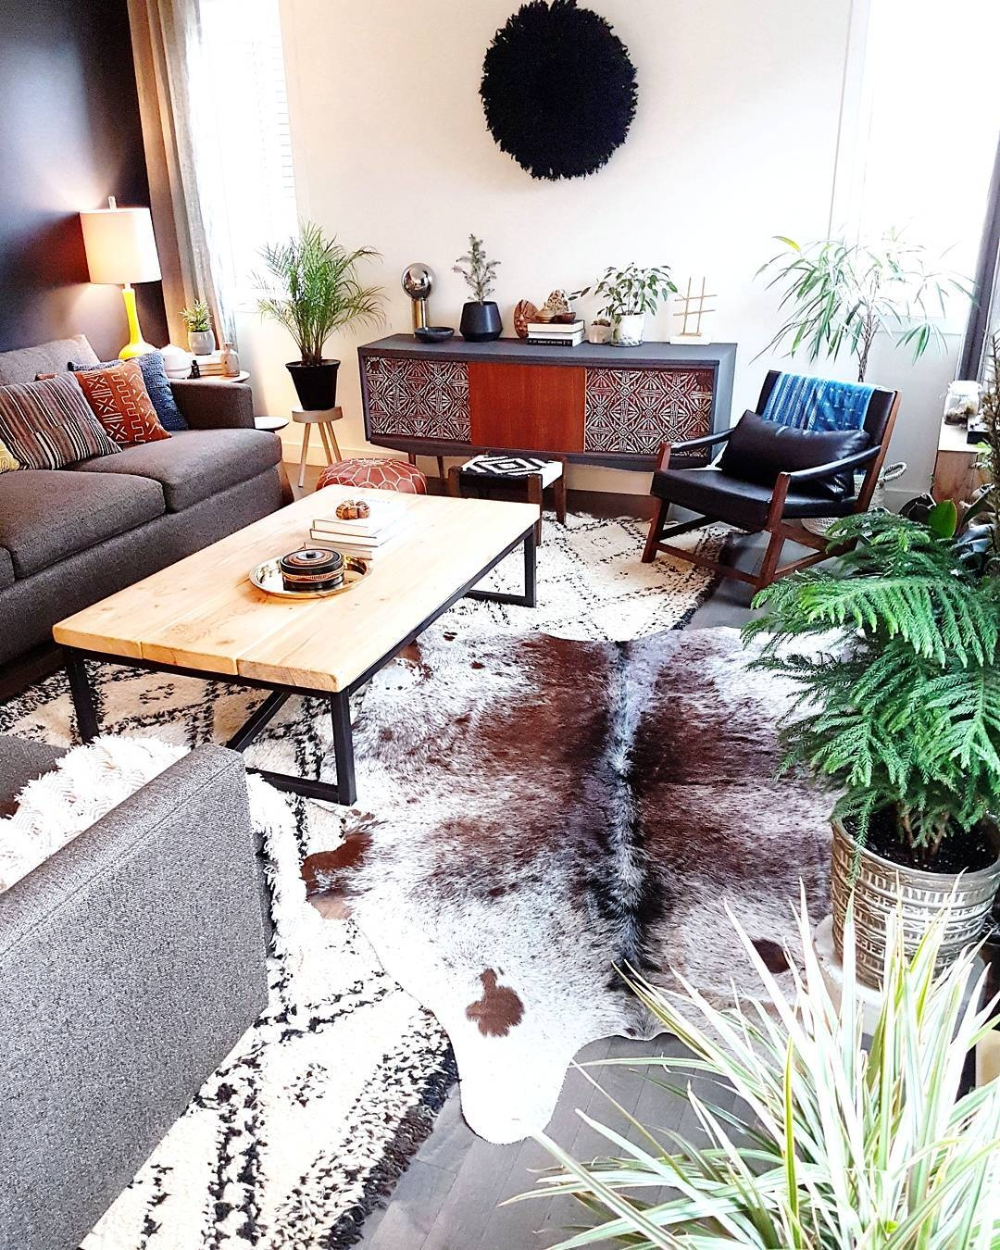 Cowhide Rug Calgary in 2020 Attic bedroom decor, Cow